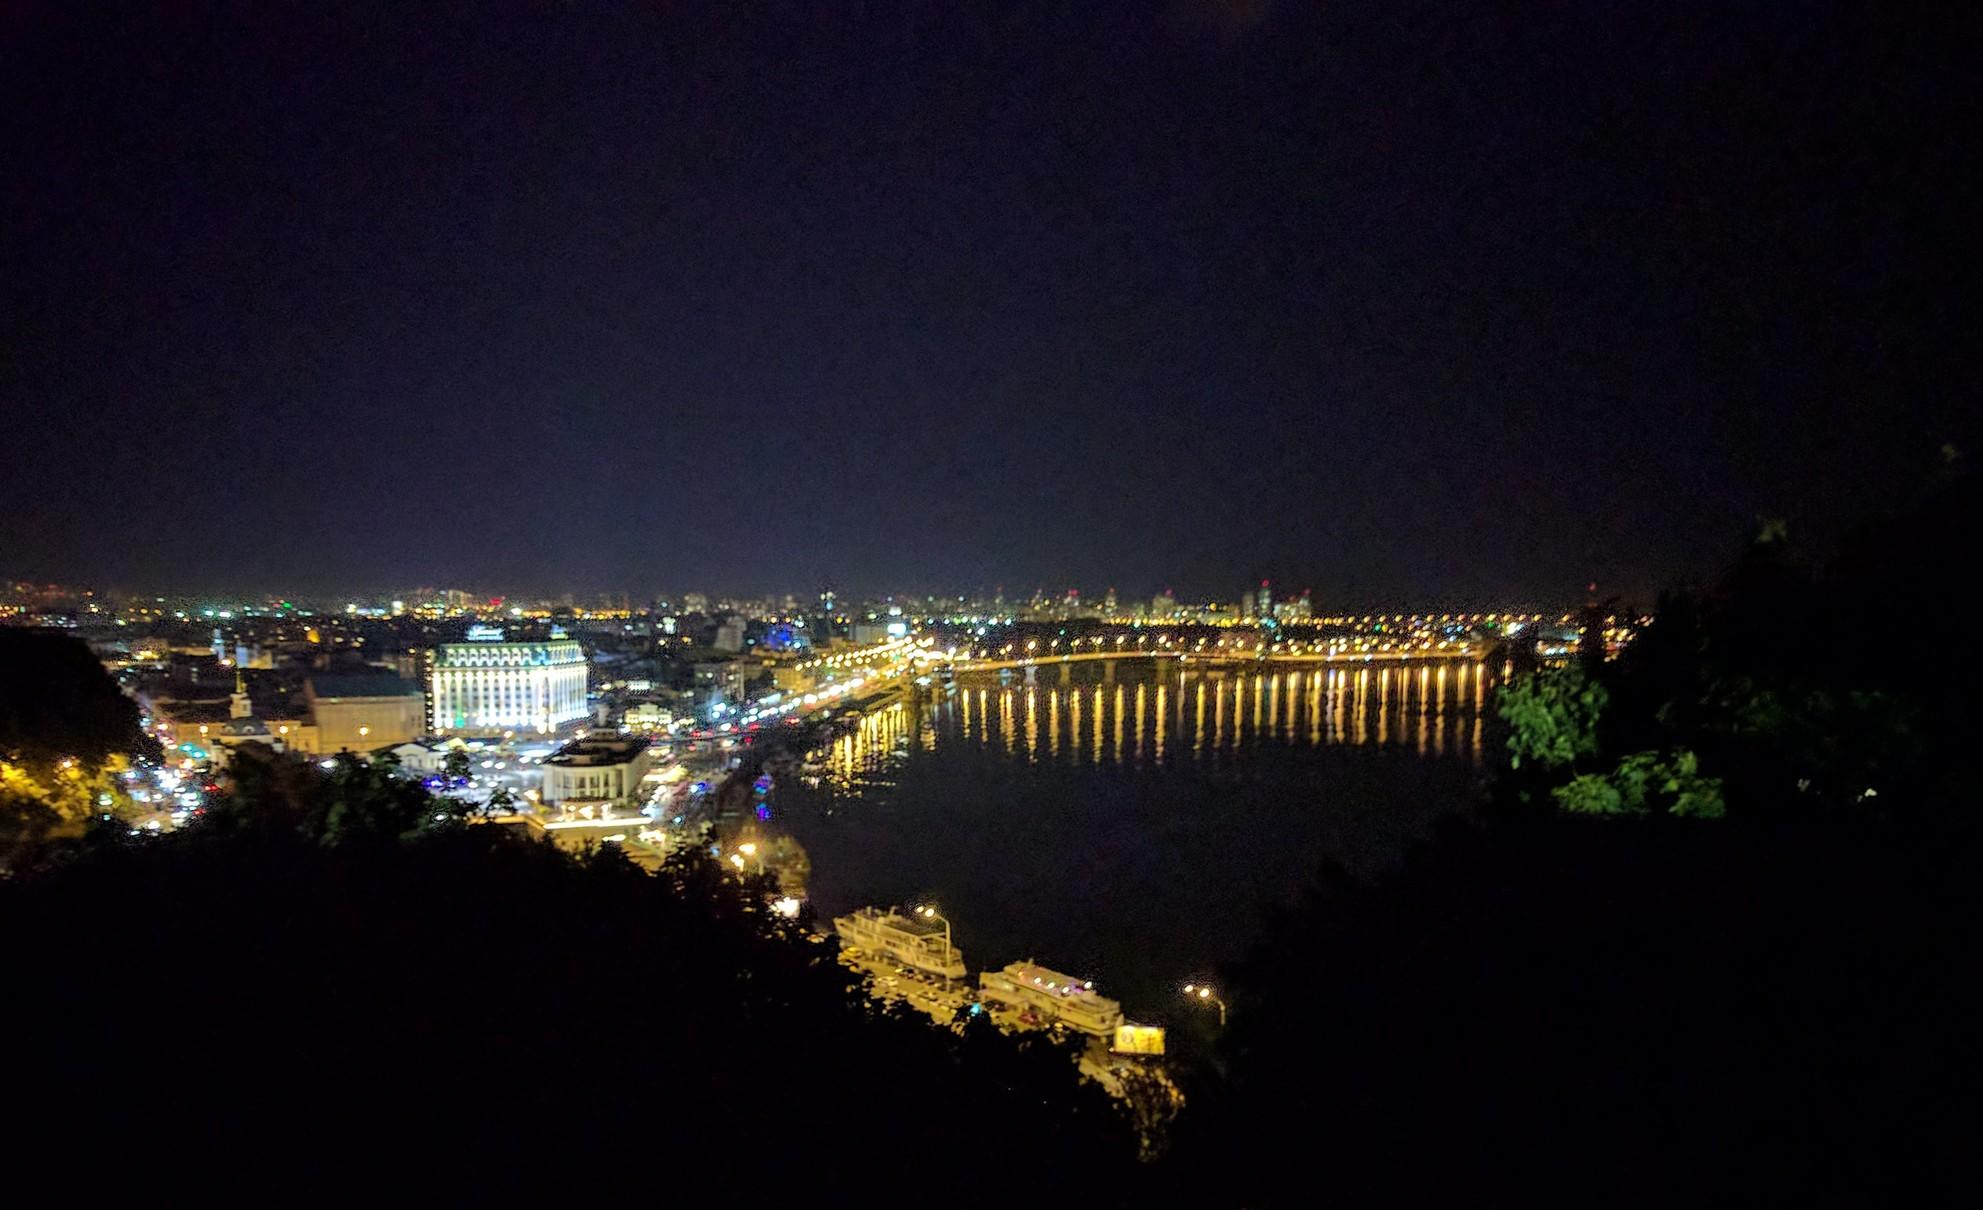 /images/kiyv-at-night.jpg